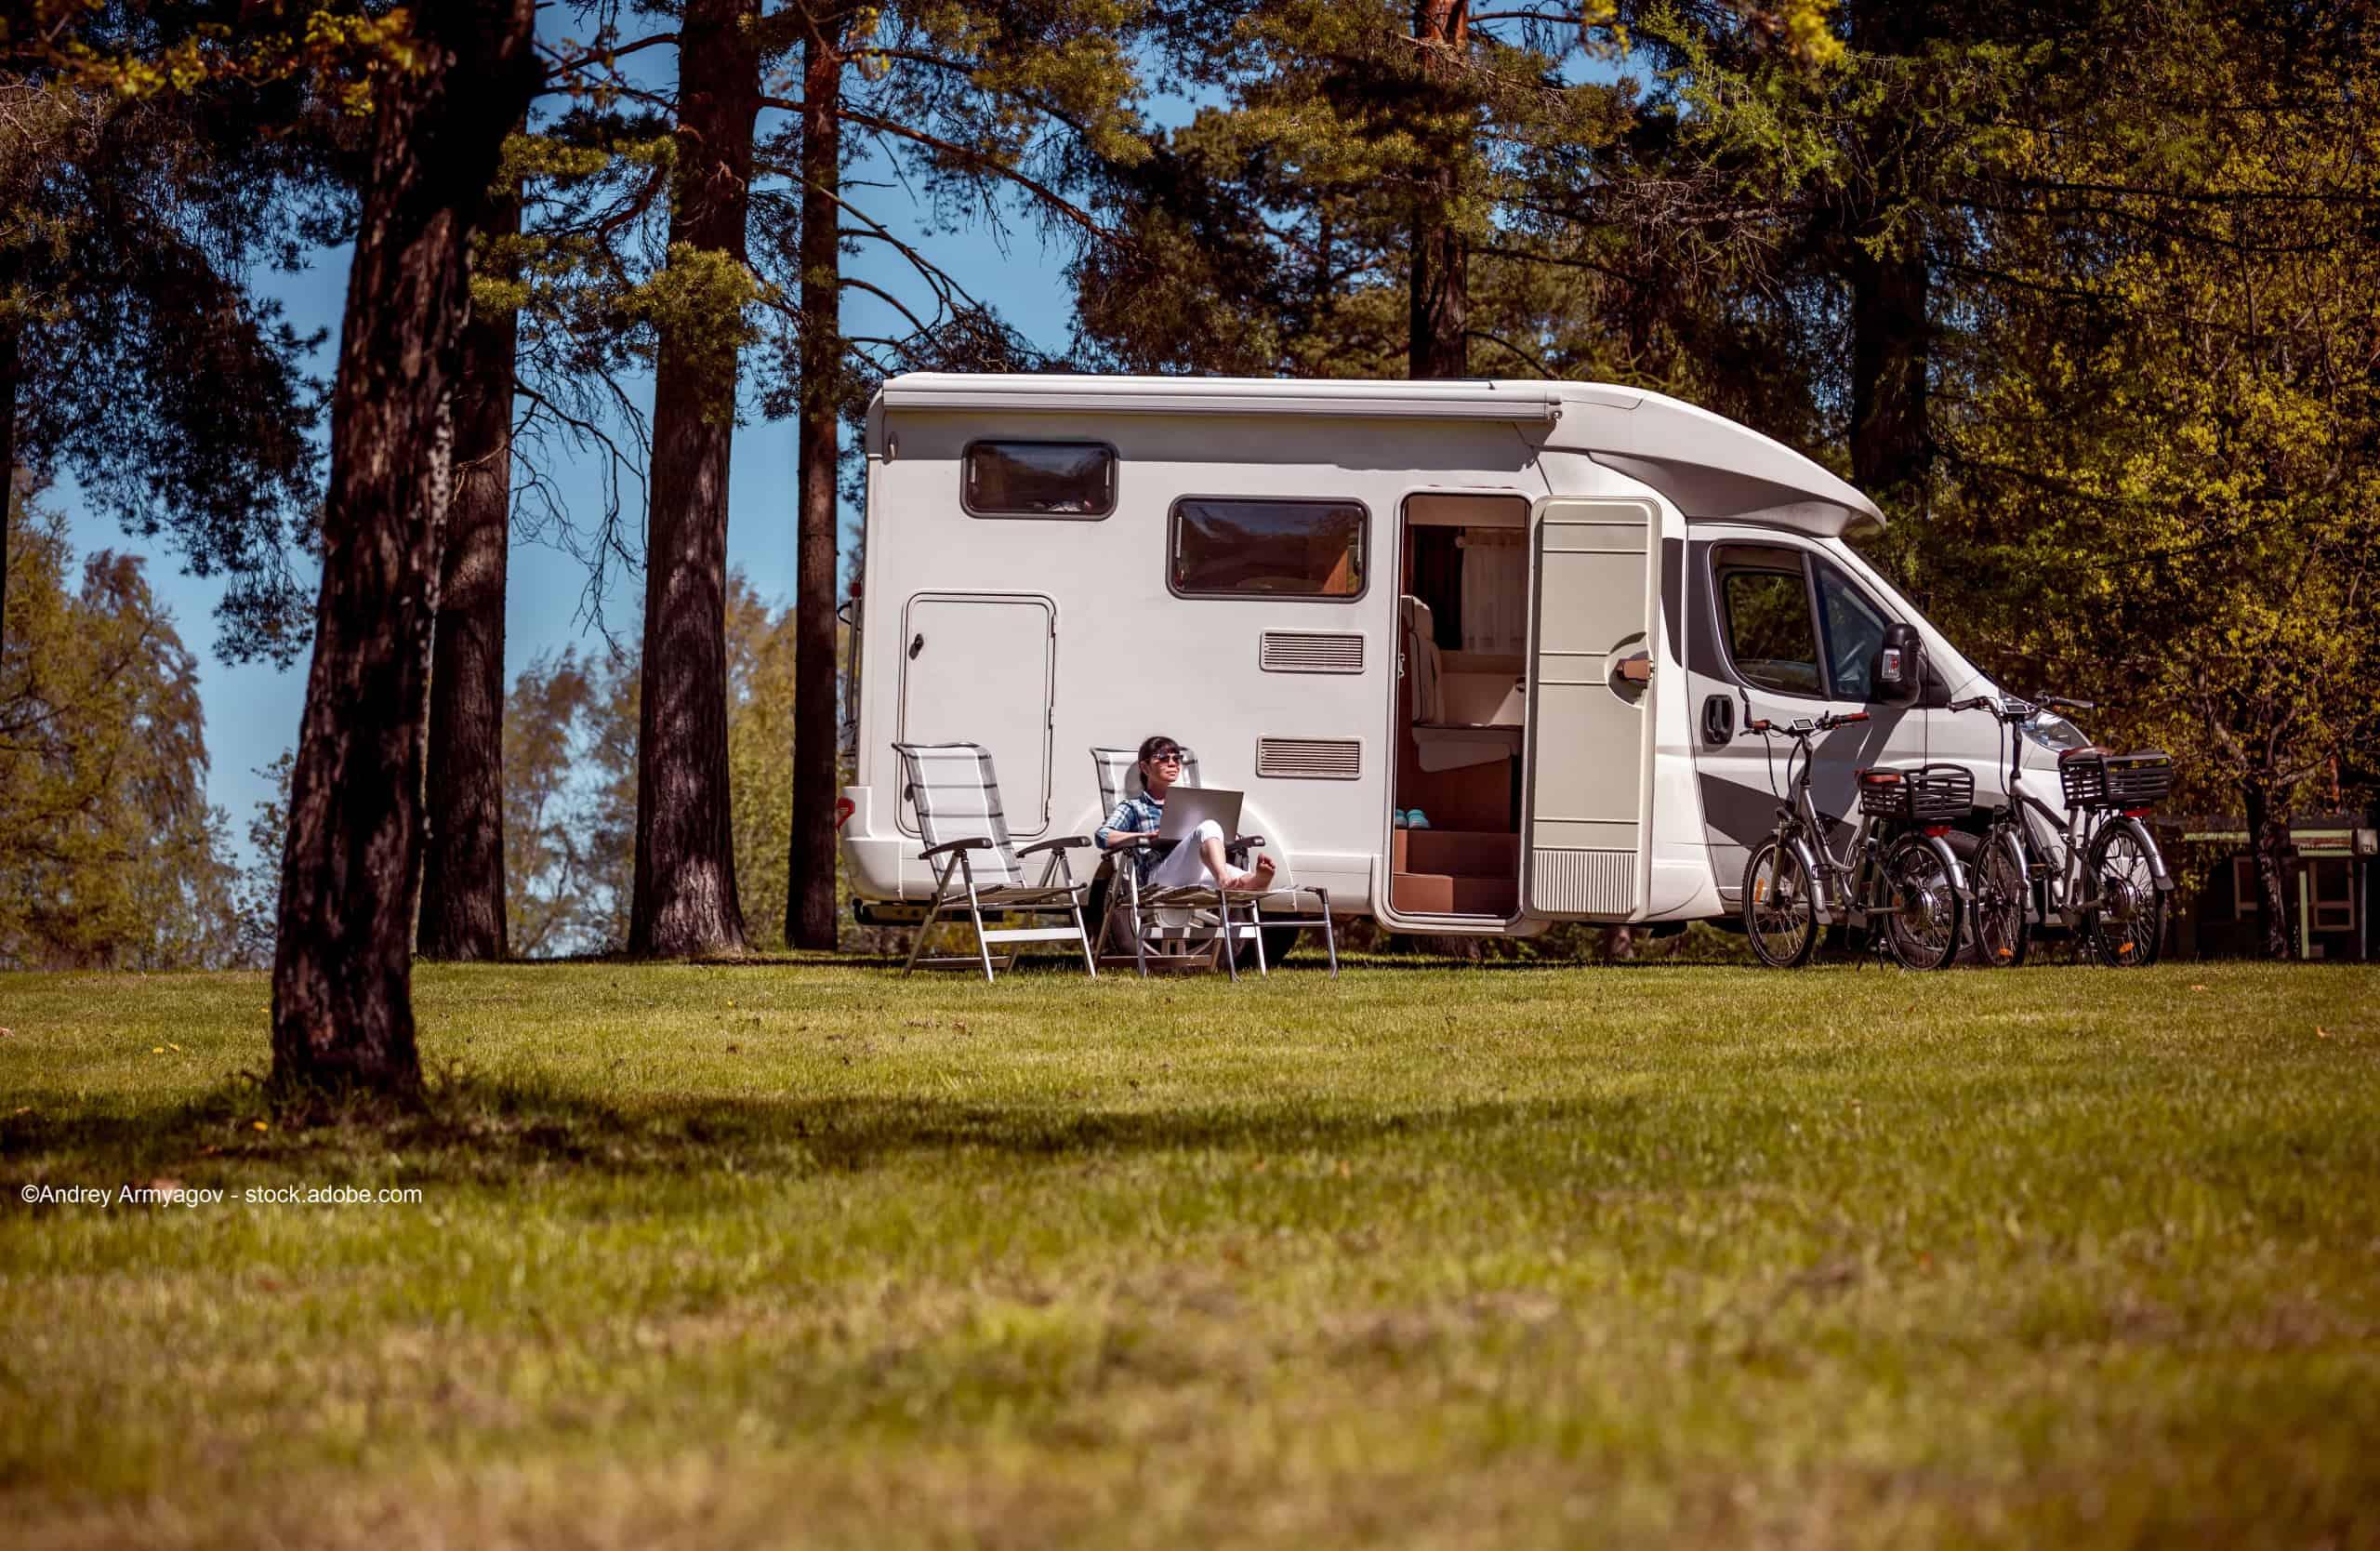 wlan hotspot camping